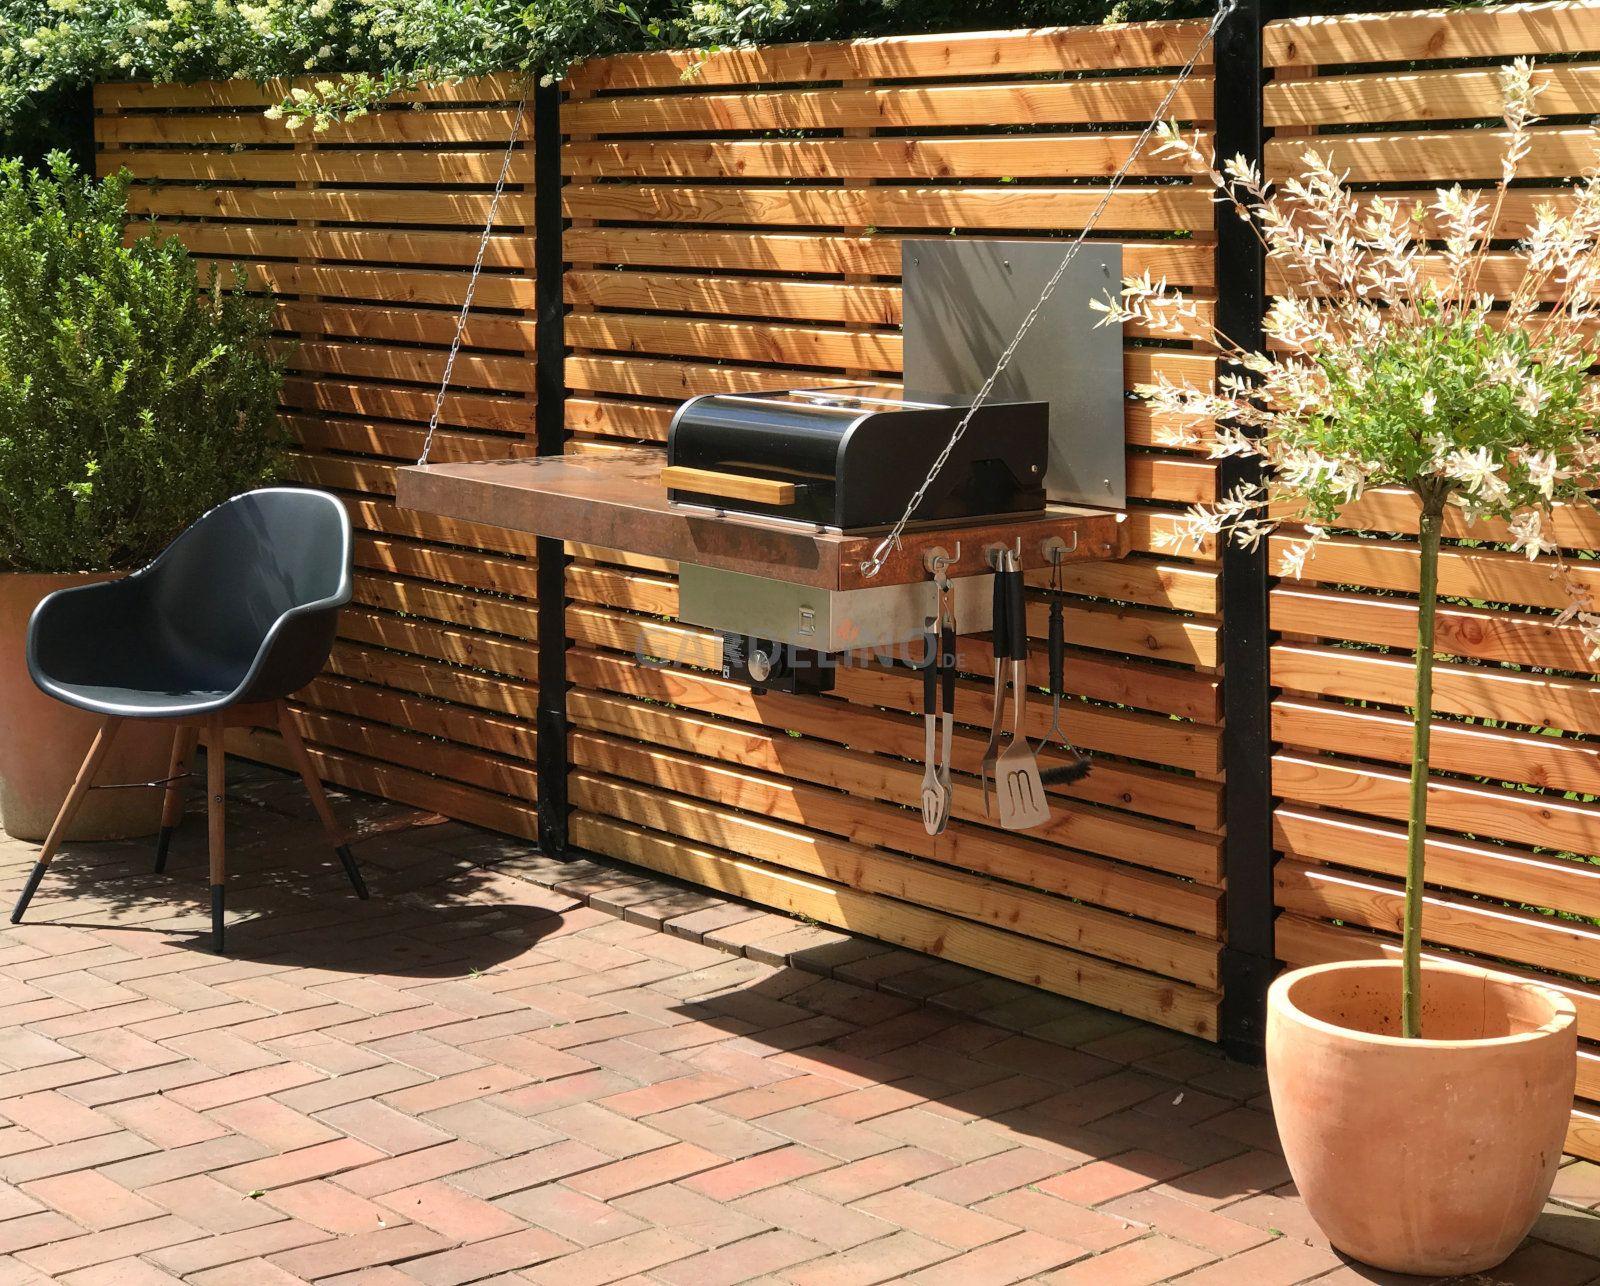 Outdoor Küche Mit Gas : Invidiuelle outdoor küche mit oneq gas grill aus holz zum aufängen